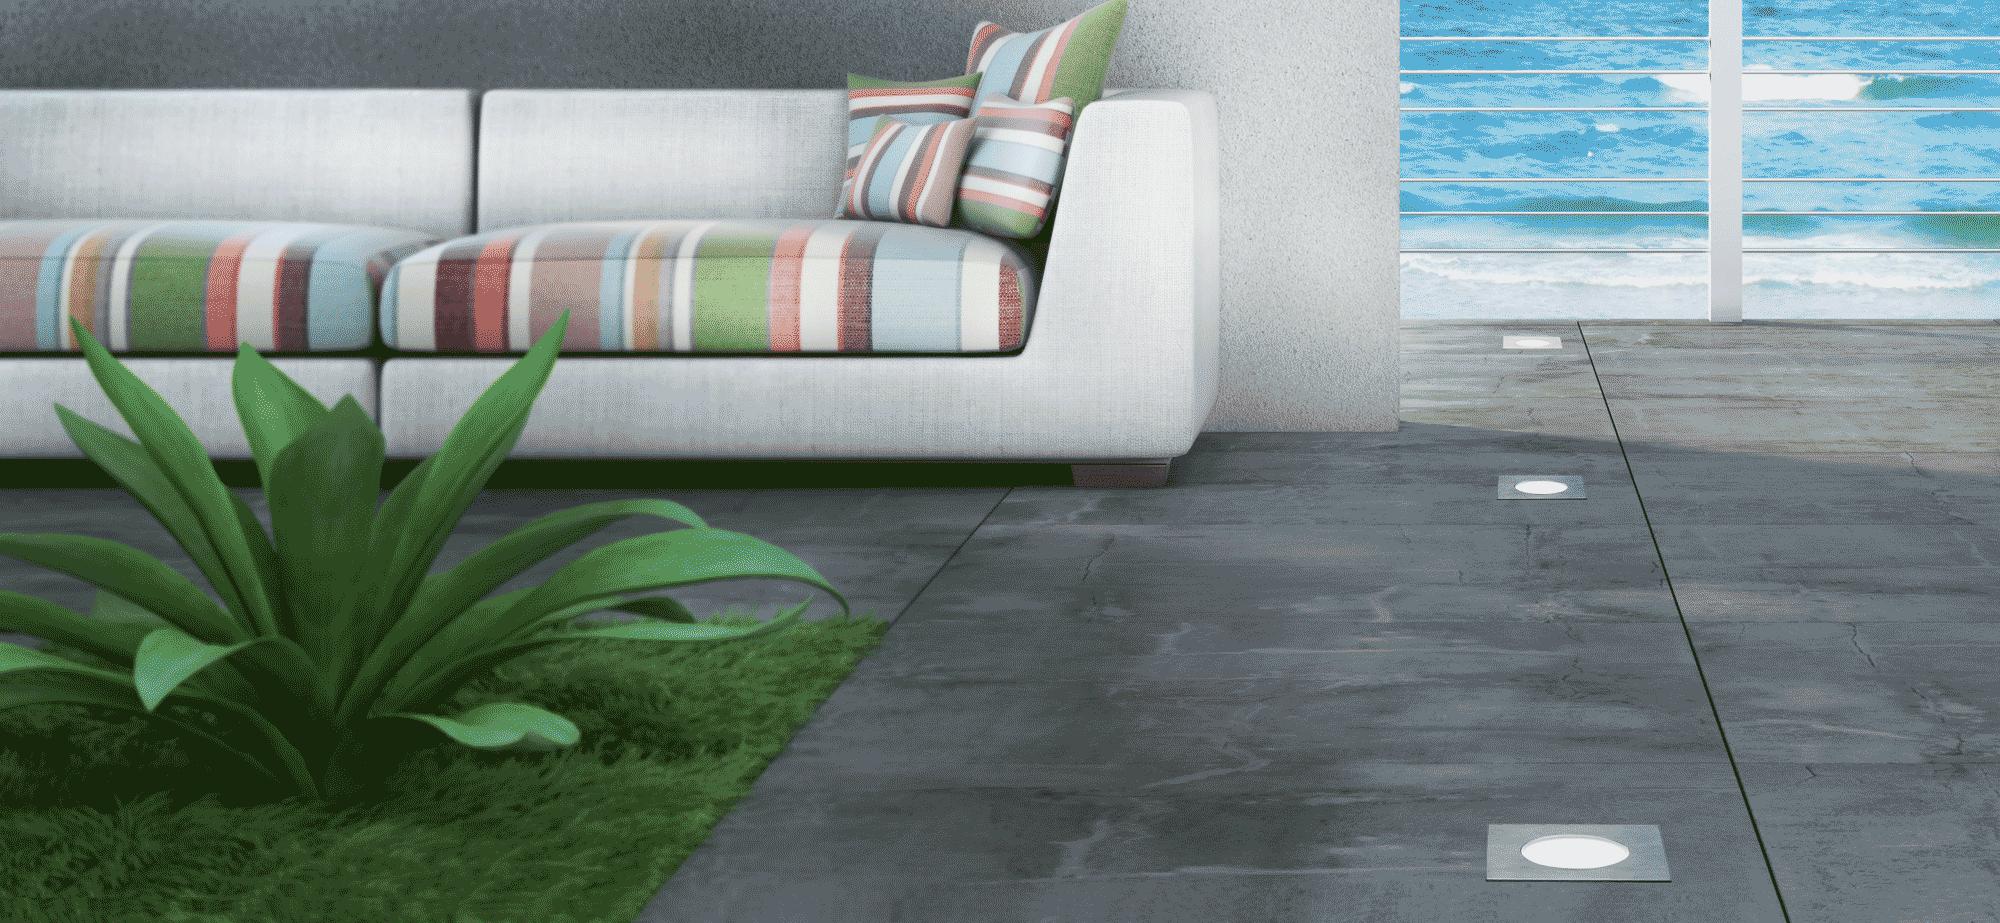 energie sparen mit licht led leuchten f r innen und aussen bis ip68. Black Bedroom Furniture Sets. Home Design Ideas